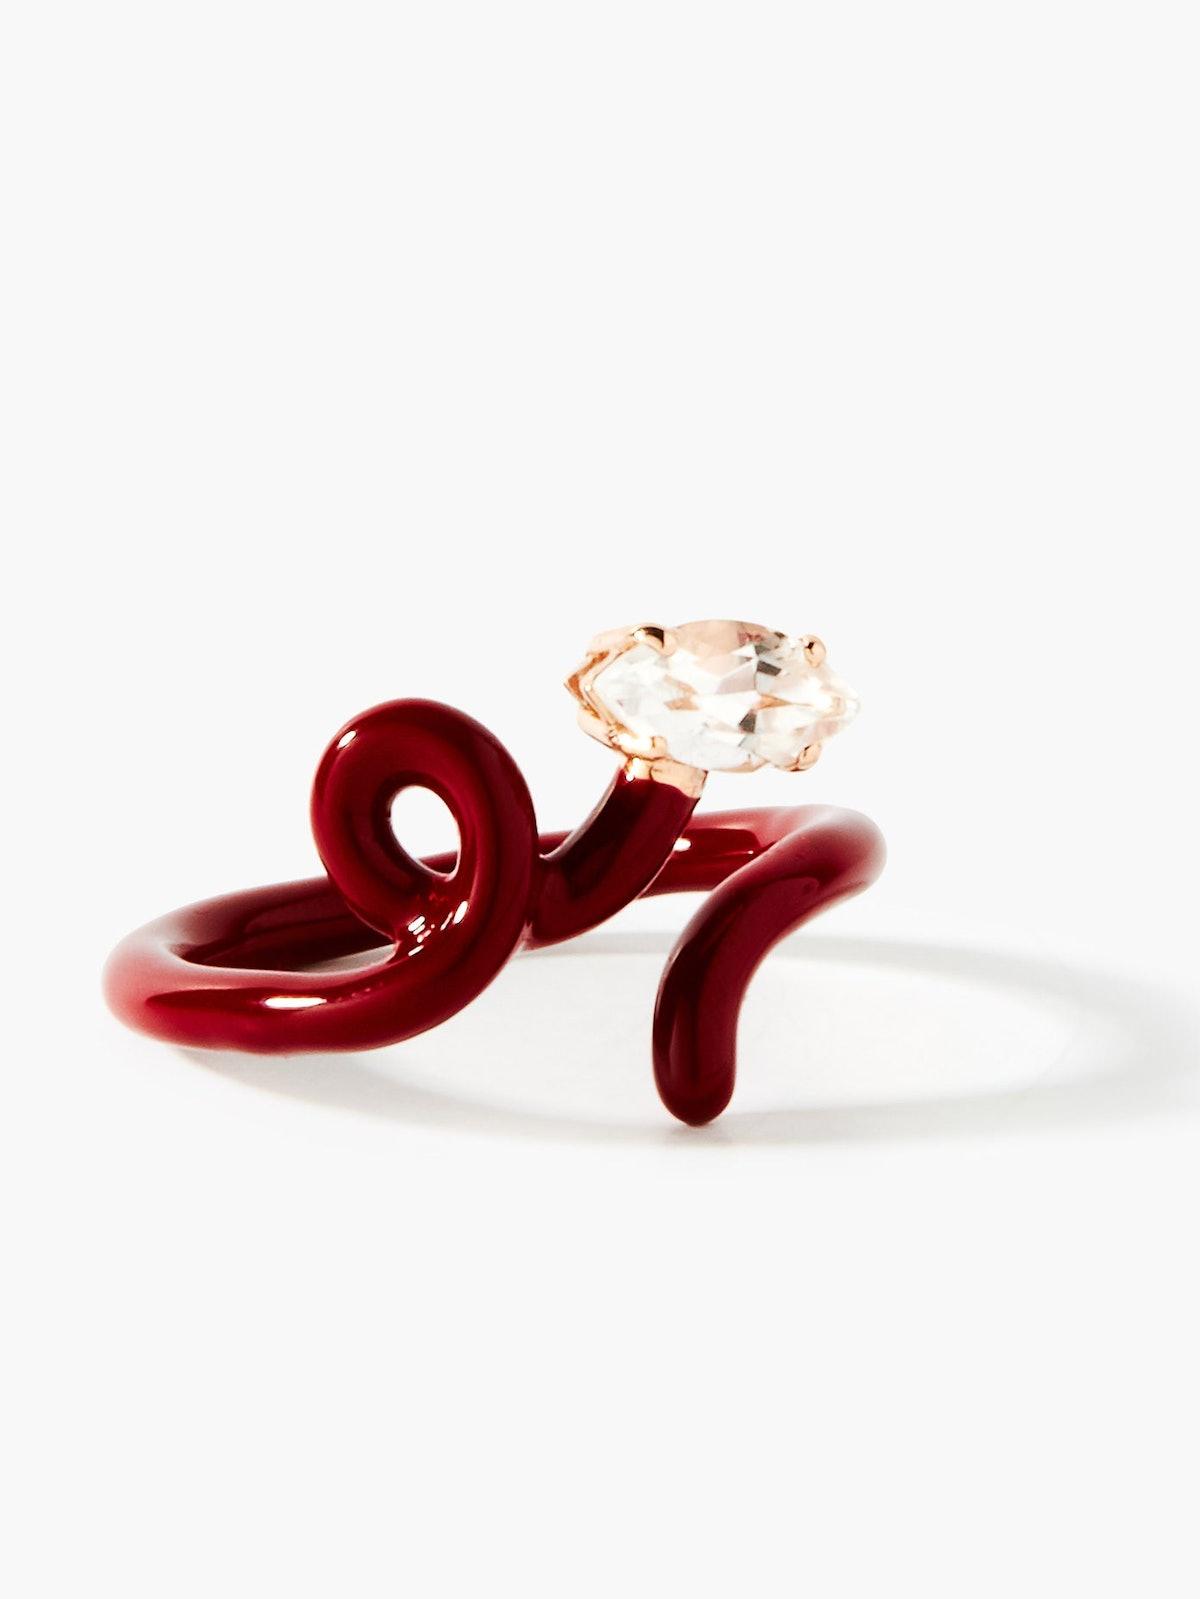 Baby Vine Tendril 9kt gold & enamel ring